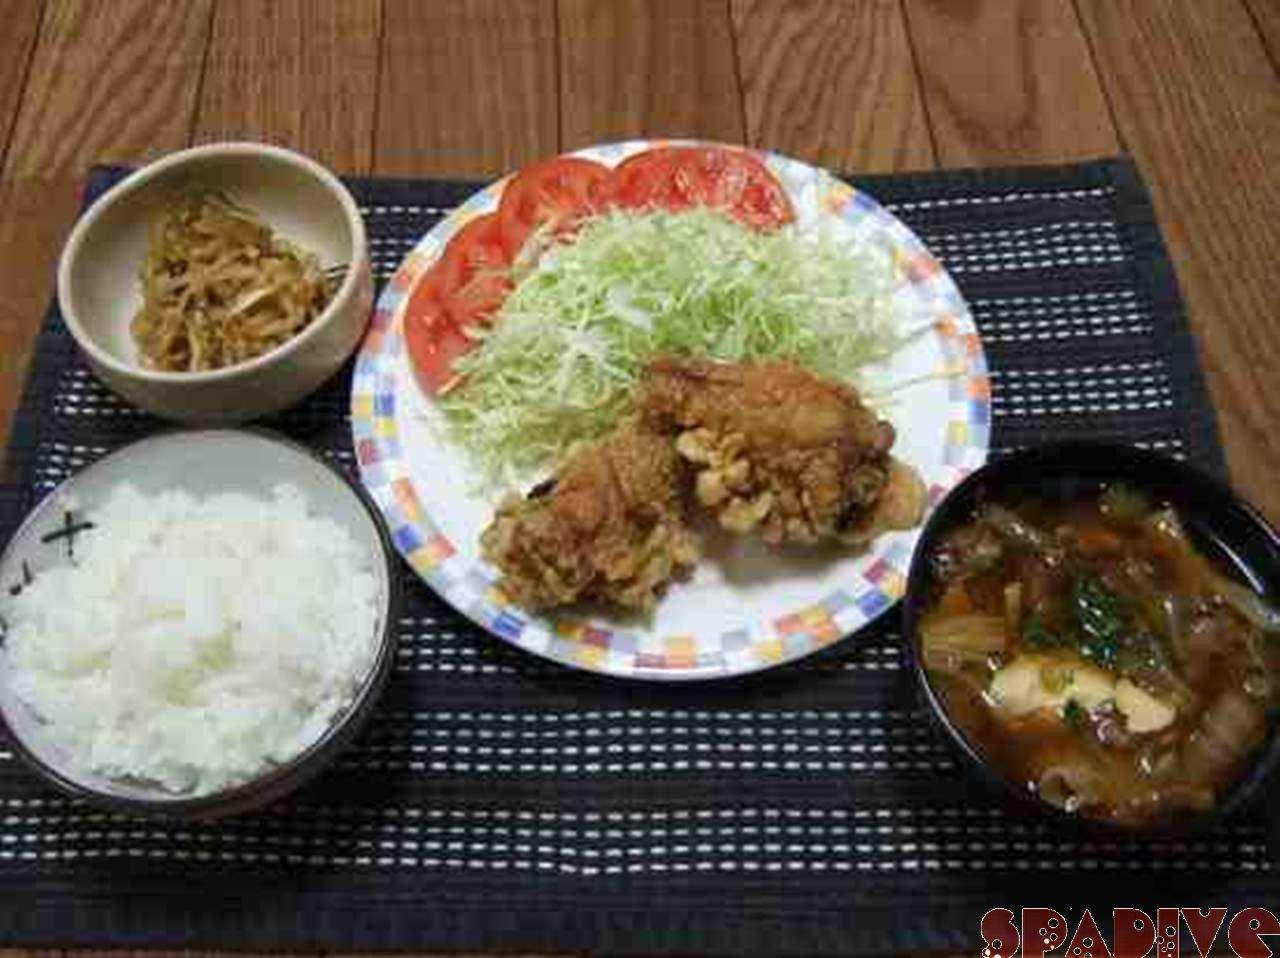 昨日の晩ご飯!!12/03/2008